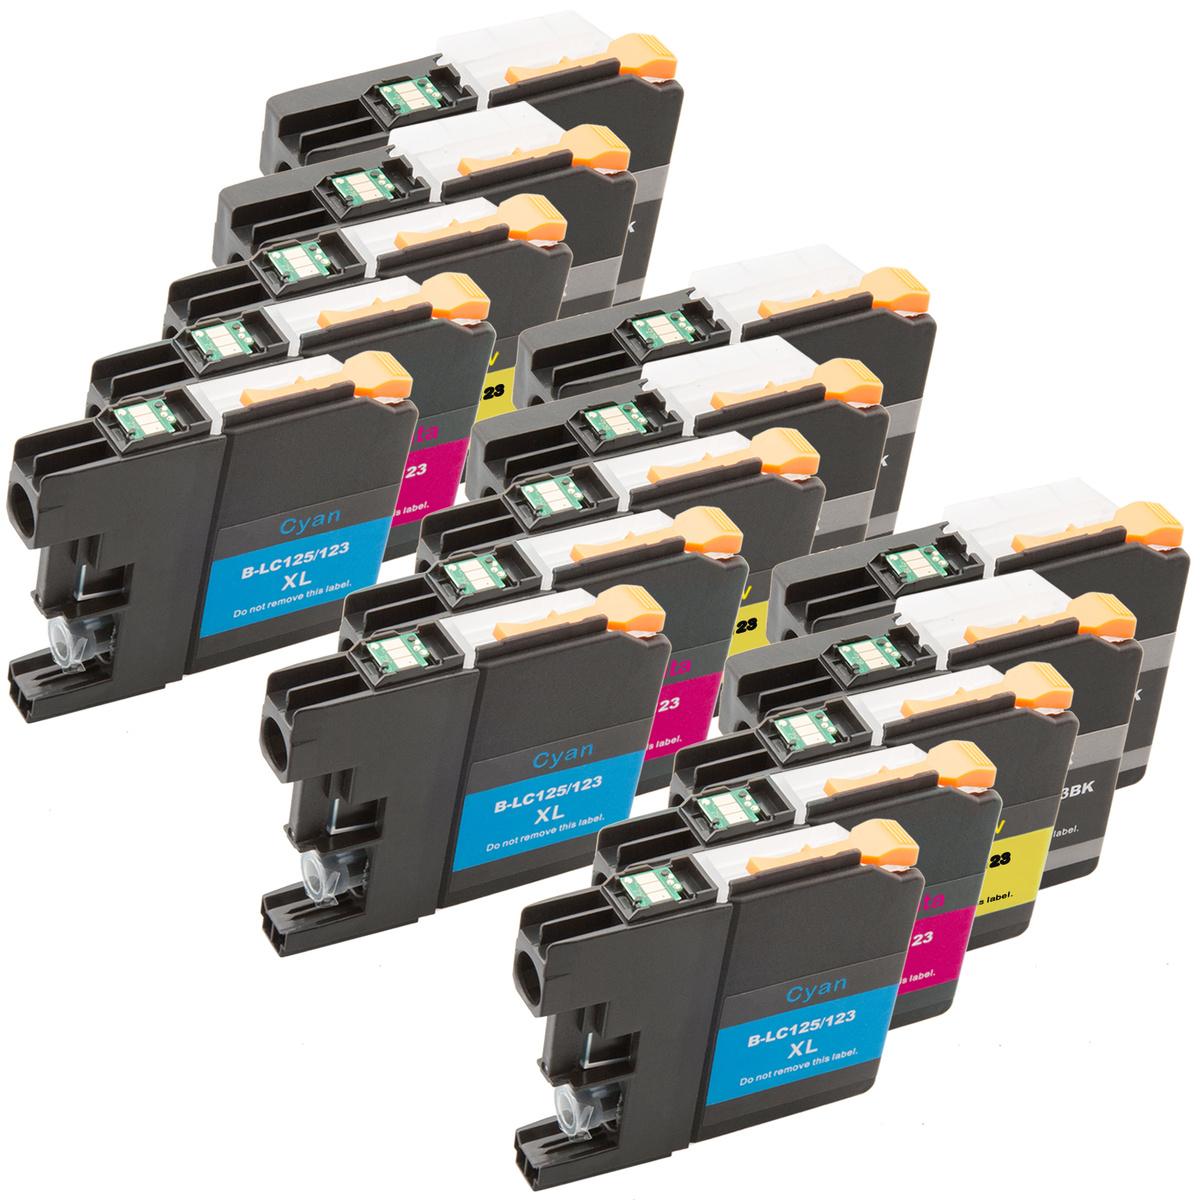 Tonery Náplně Tonery Náplně Cartridge Brother LC-123, LC-125 kompatibilný s čipom 15ml (Žltá) - Tonery a Náplně.cz